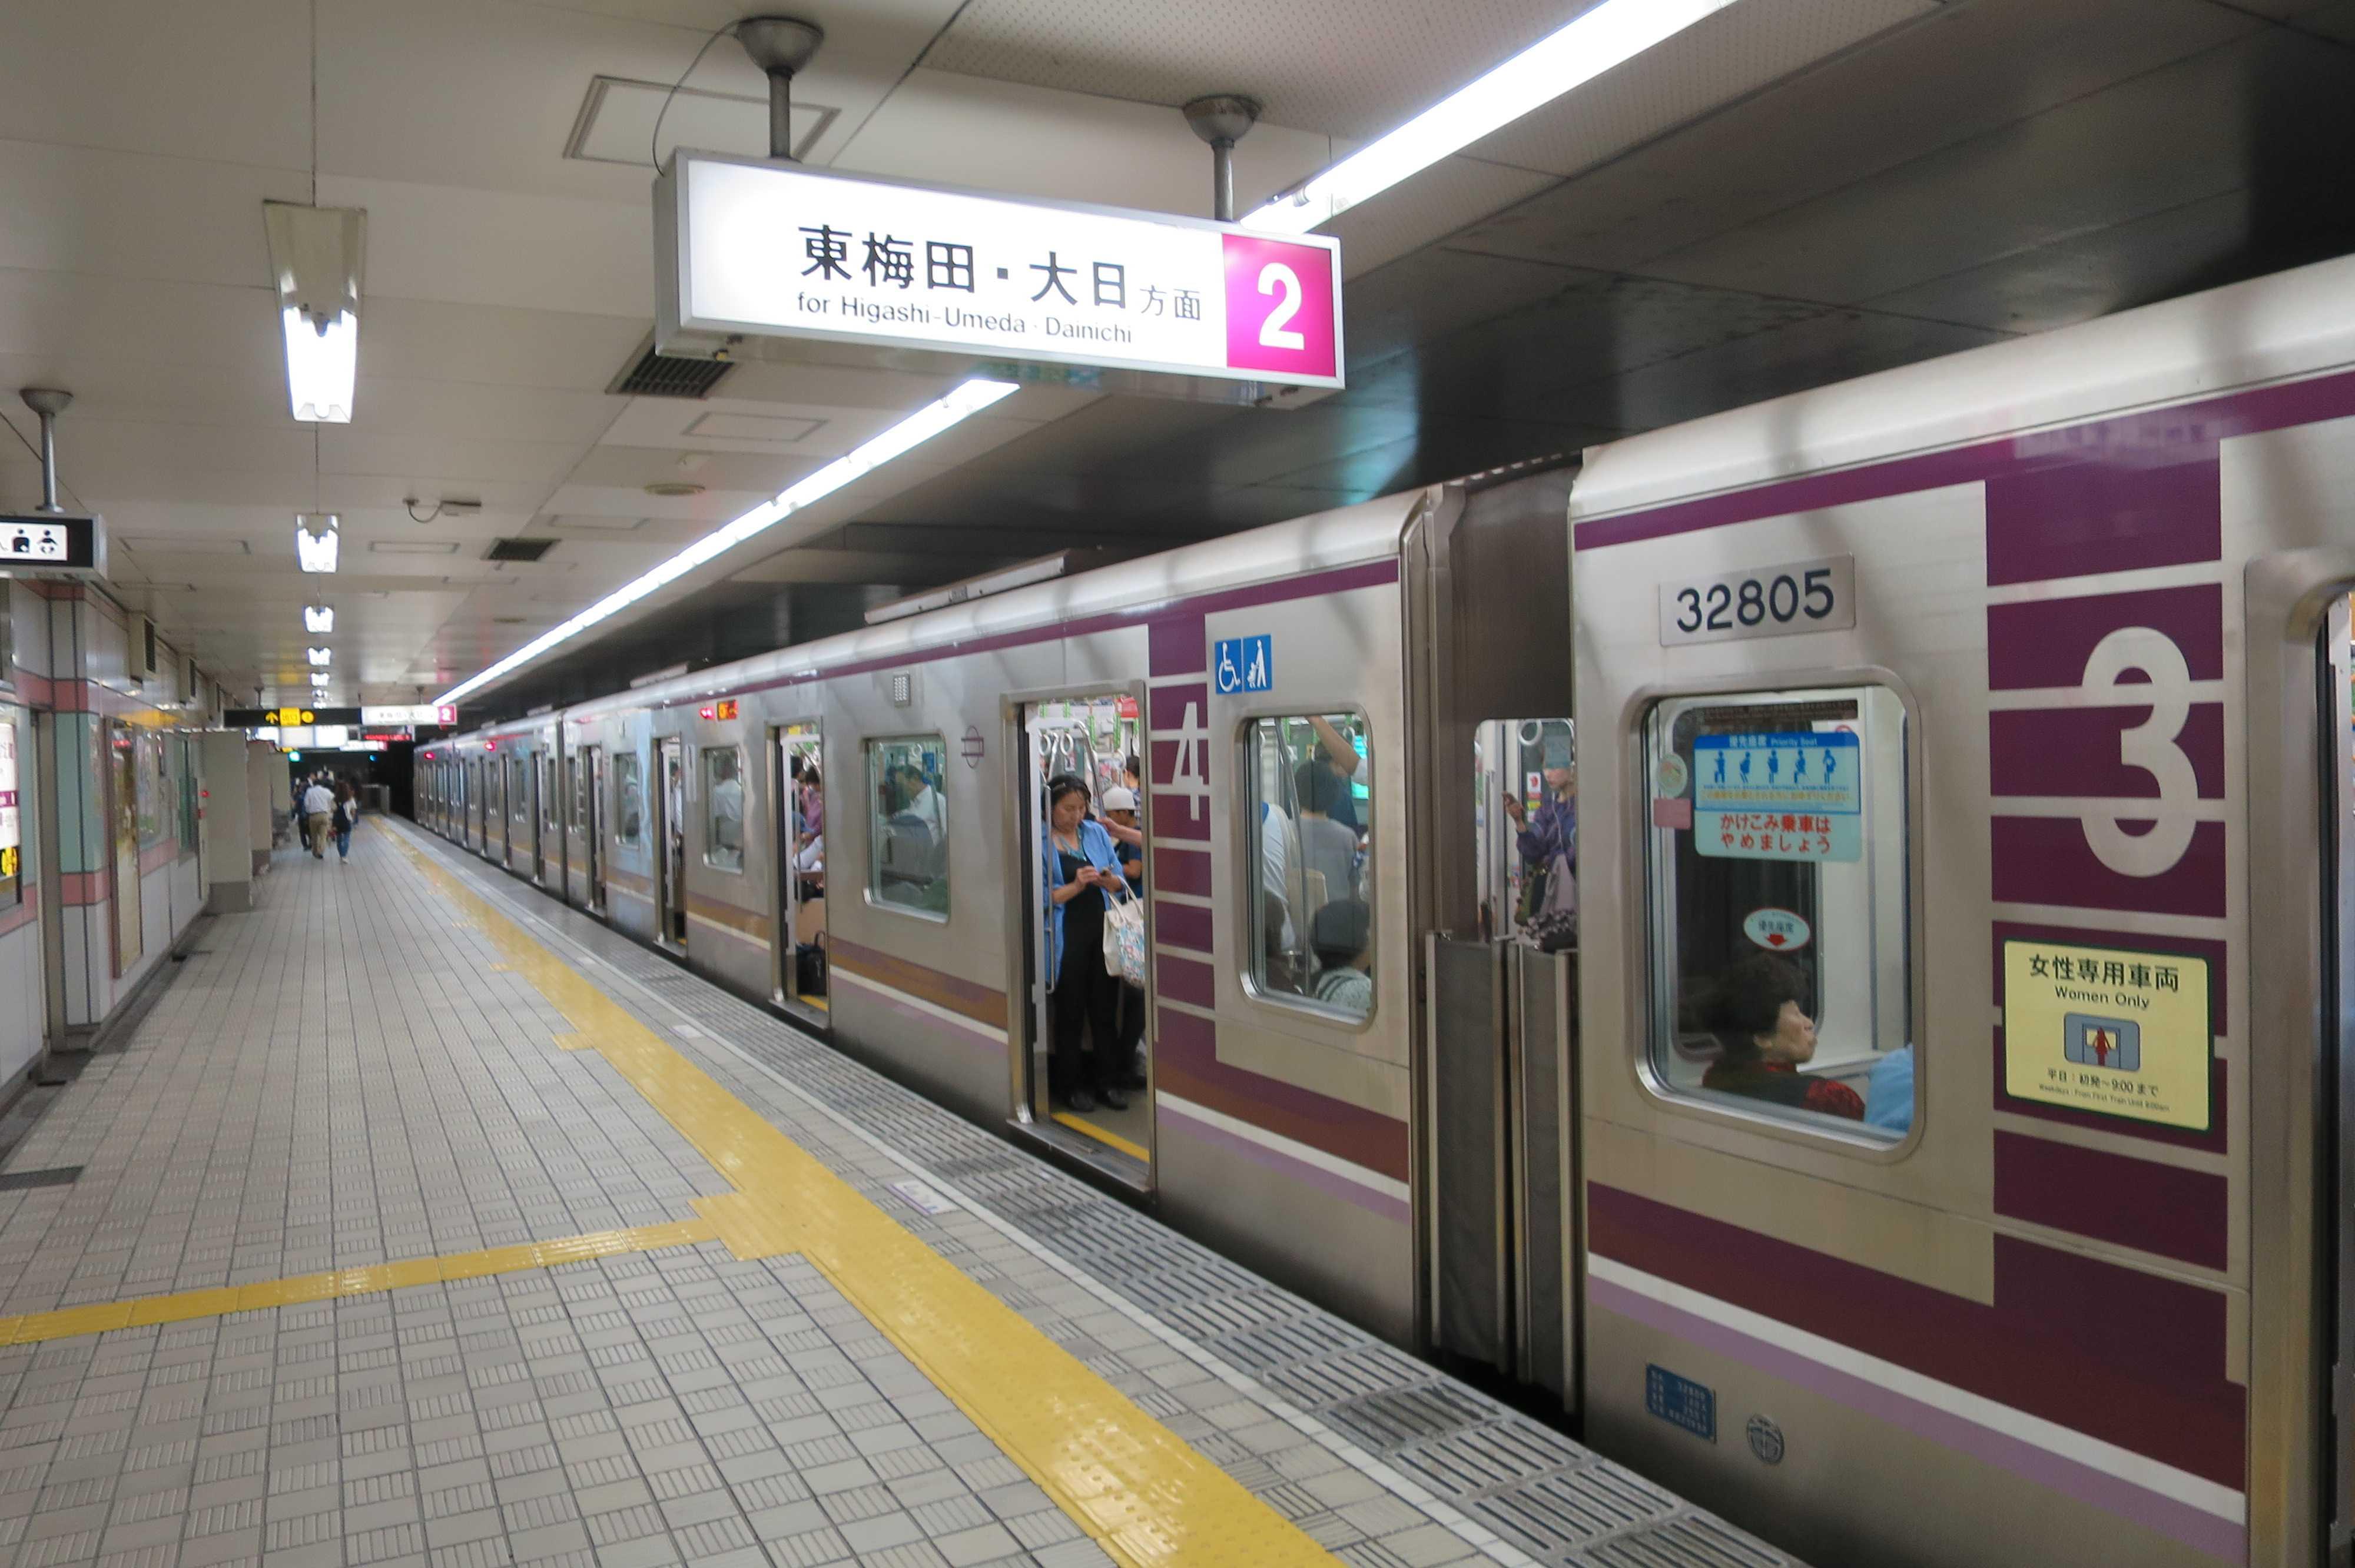 四天王寺前夕陽ヶ丘駅の大阪市営谷町線